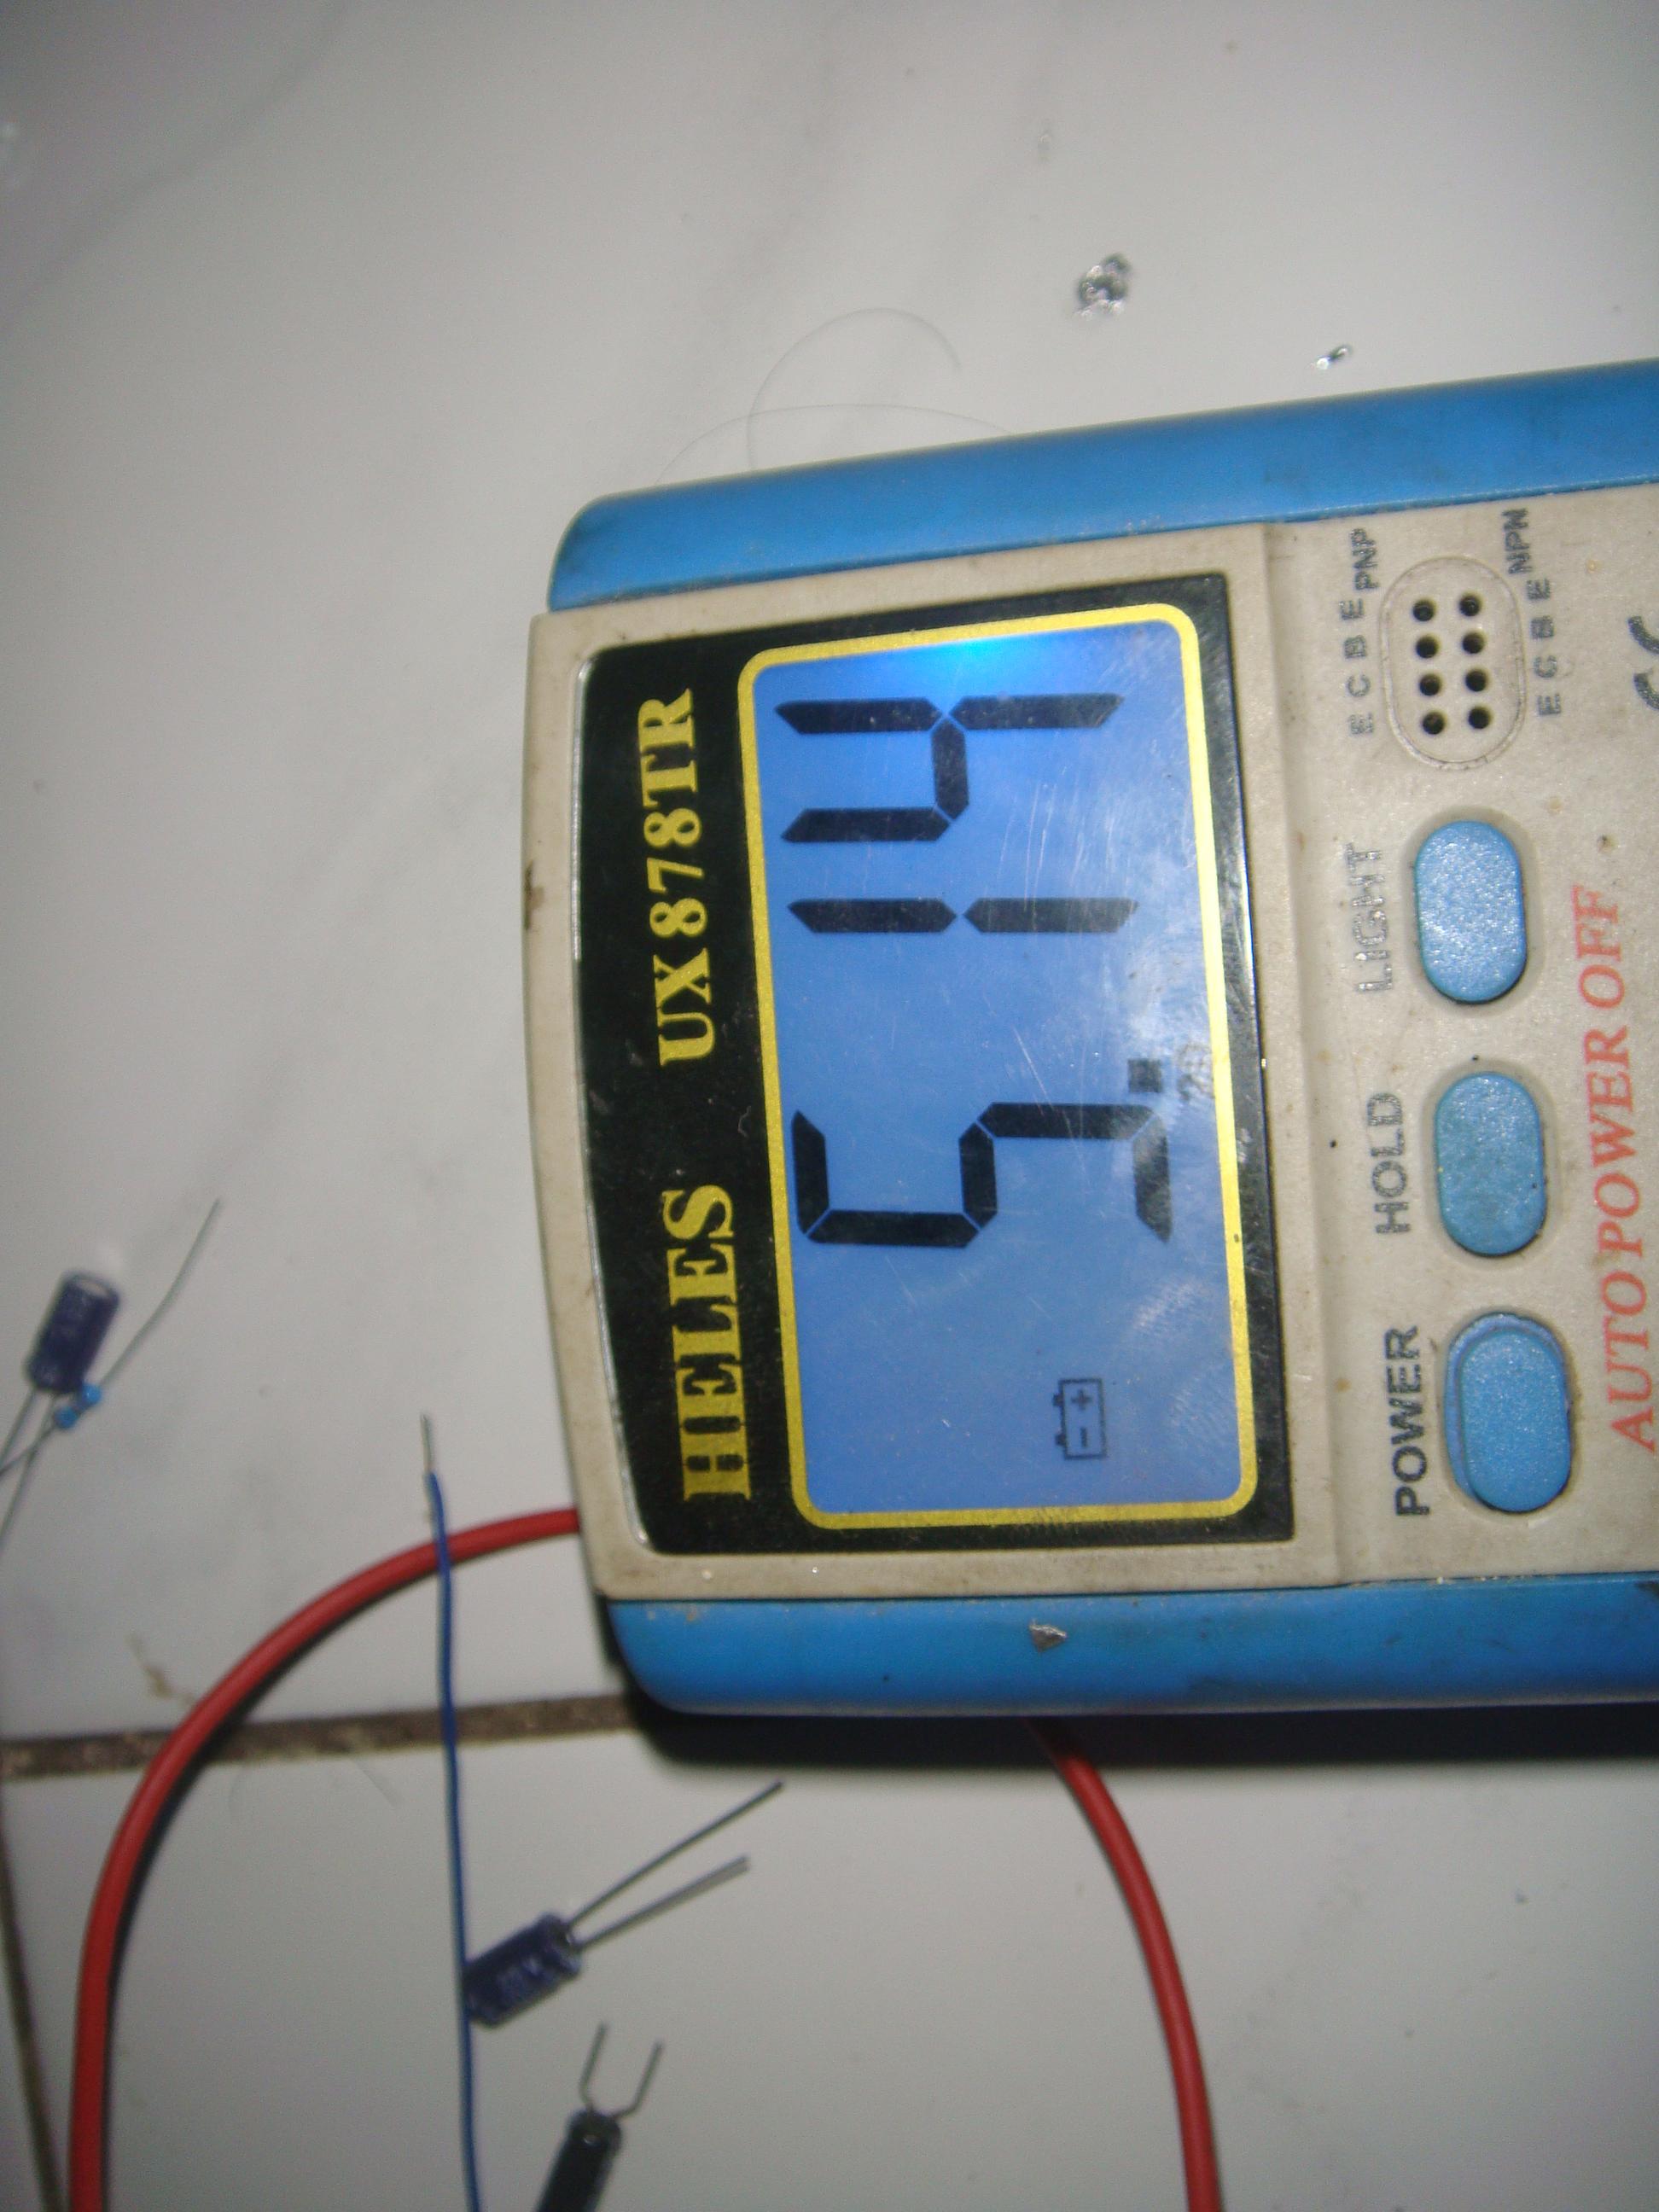 sedikit meleset 0 koma sekian volt dari kalkulasi ga papa wis namanya juga pake komponen lokal nah sekarang saatnya testing di hp